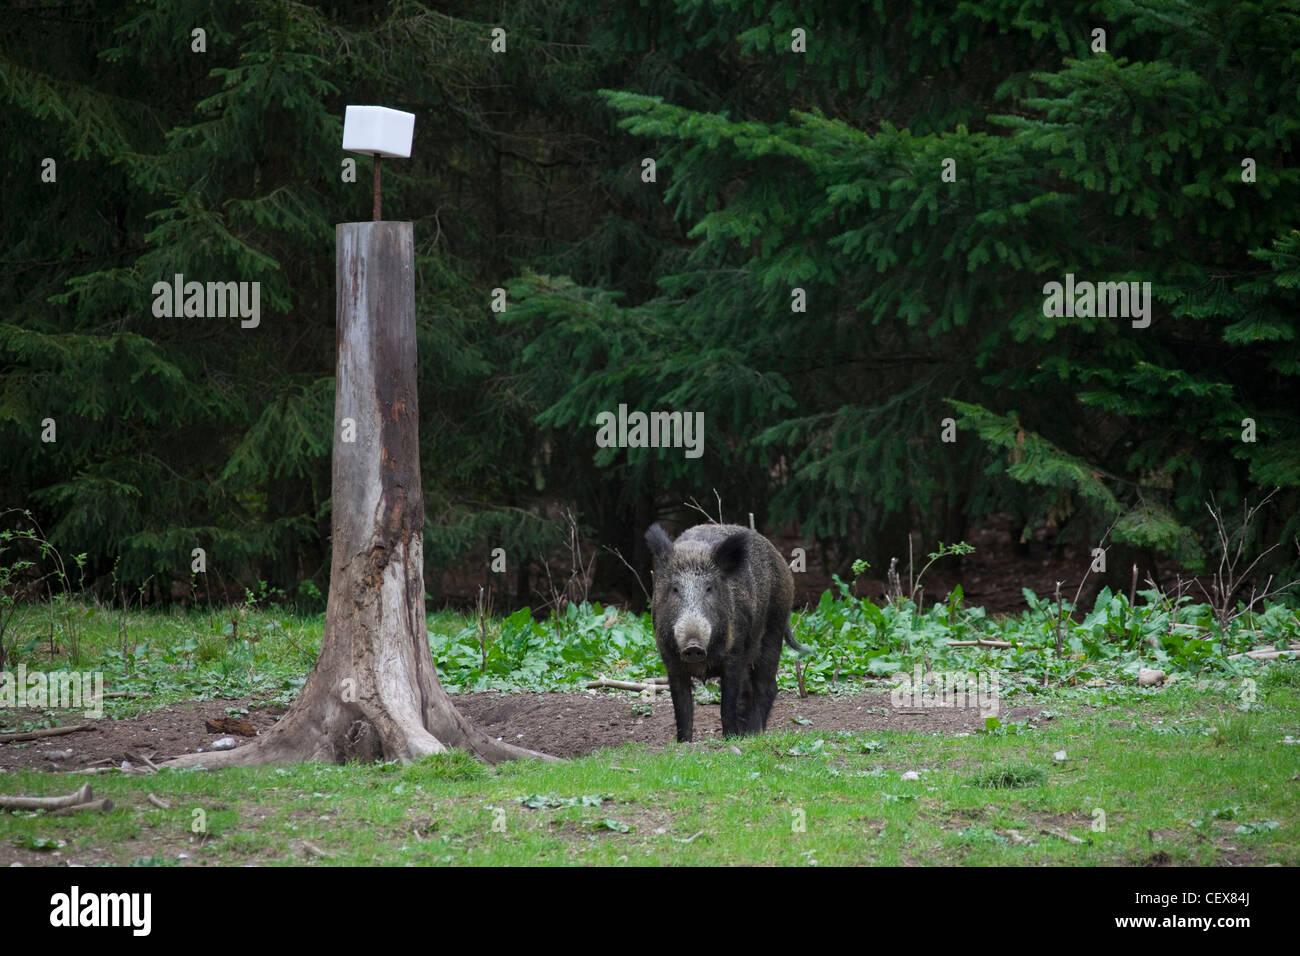 Il cinghiale (Sus scrofa) sow al Salt Lick nella foresta di pini, Germania Foto Stock